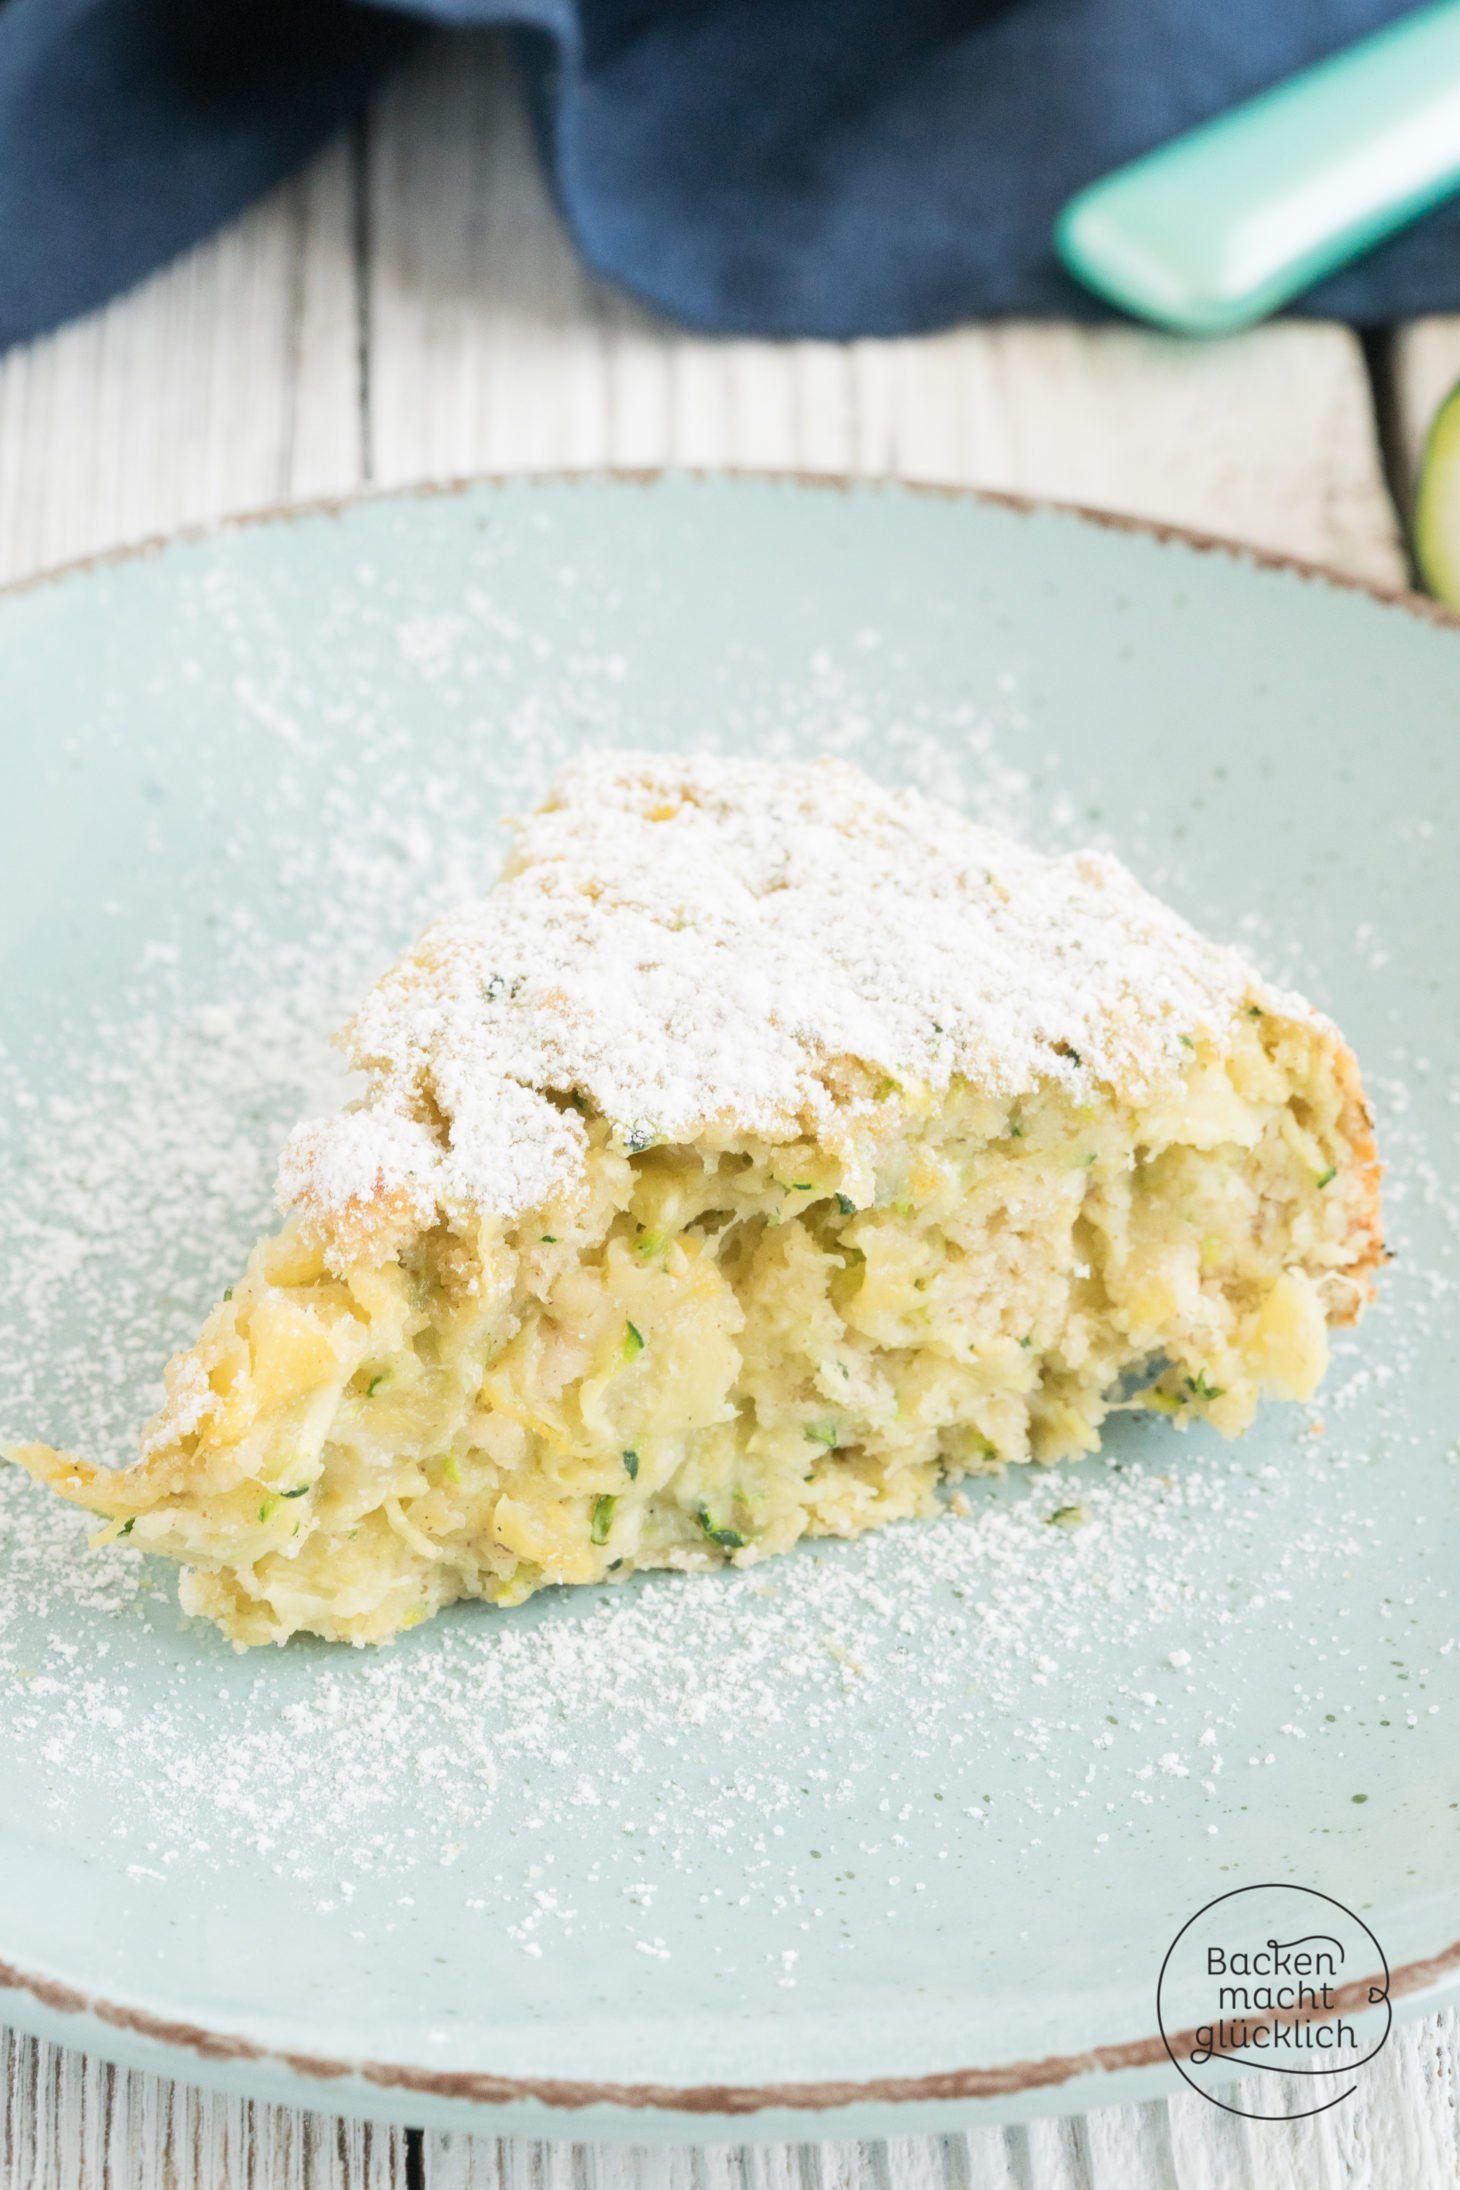 Kalorienarmer Zucchinikuchen Ohne Zucker Backen Macht Glucklich Rezept Ananas Kuchen Zucchini Kuchen Lebensmittel Ohne Kalorien